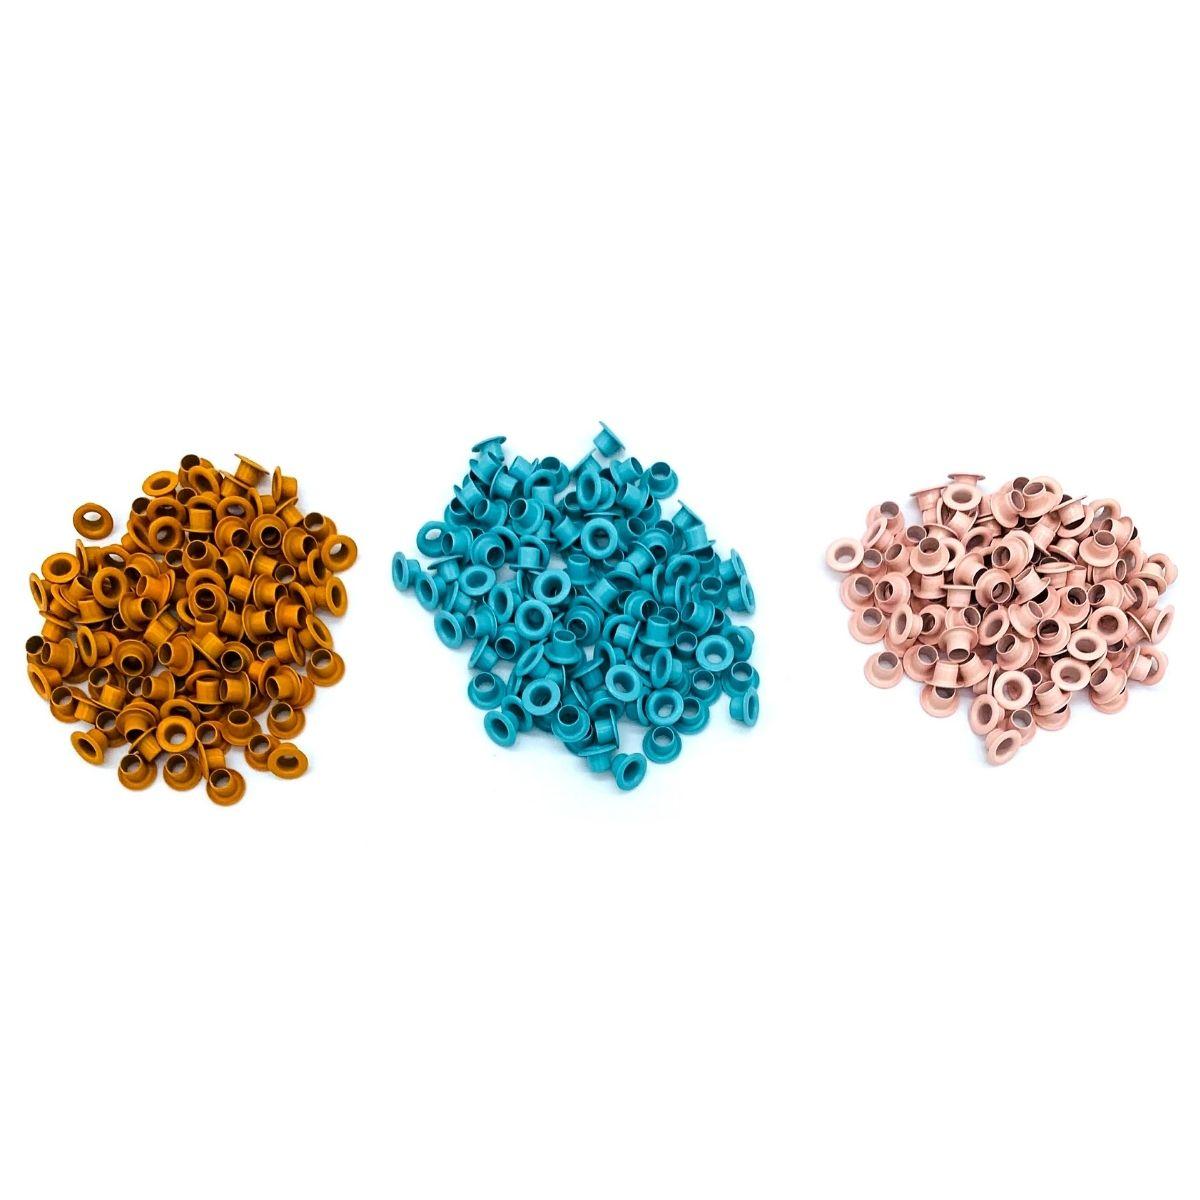 Ilhós 54 aluminio 3 cores com 500 peças cada